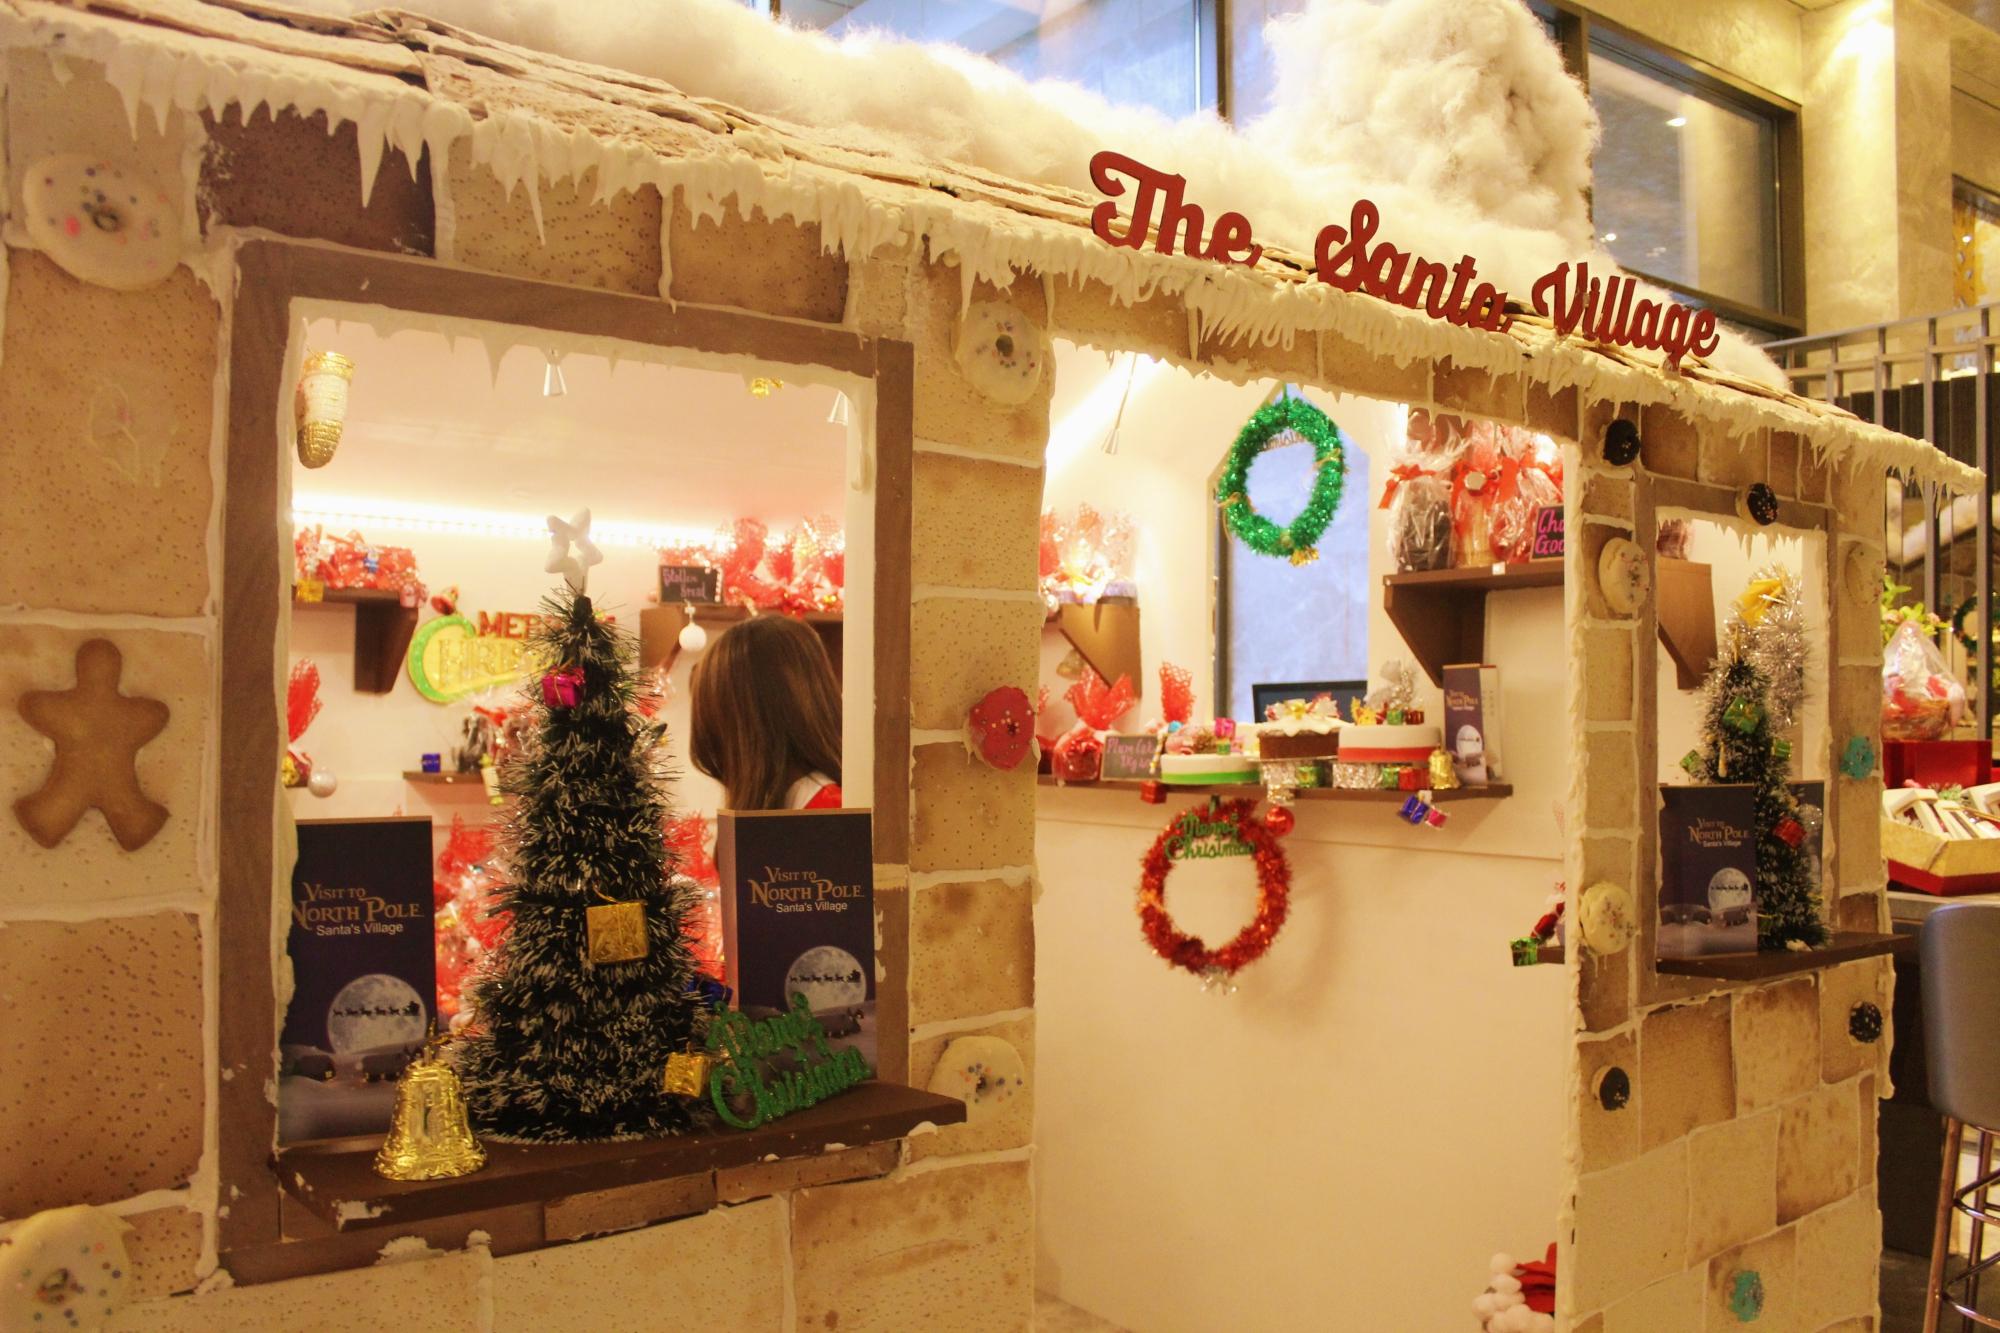 The Santa Village Marriott